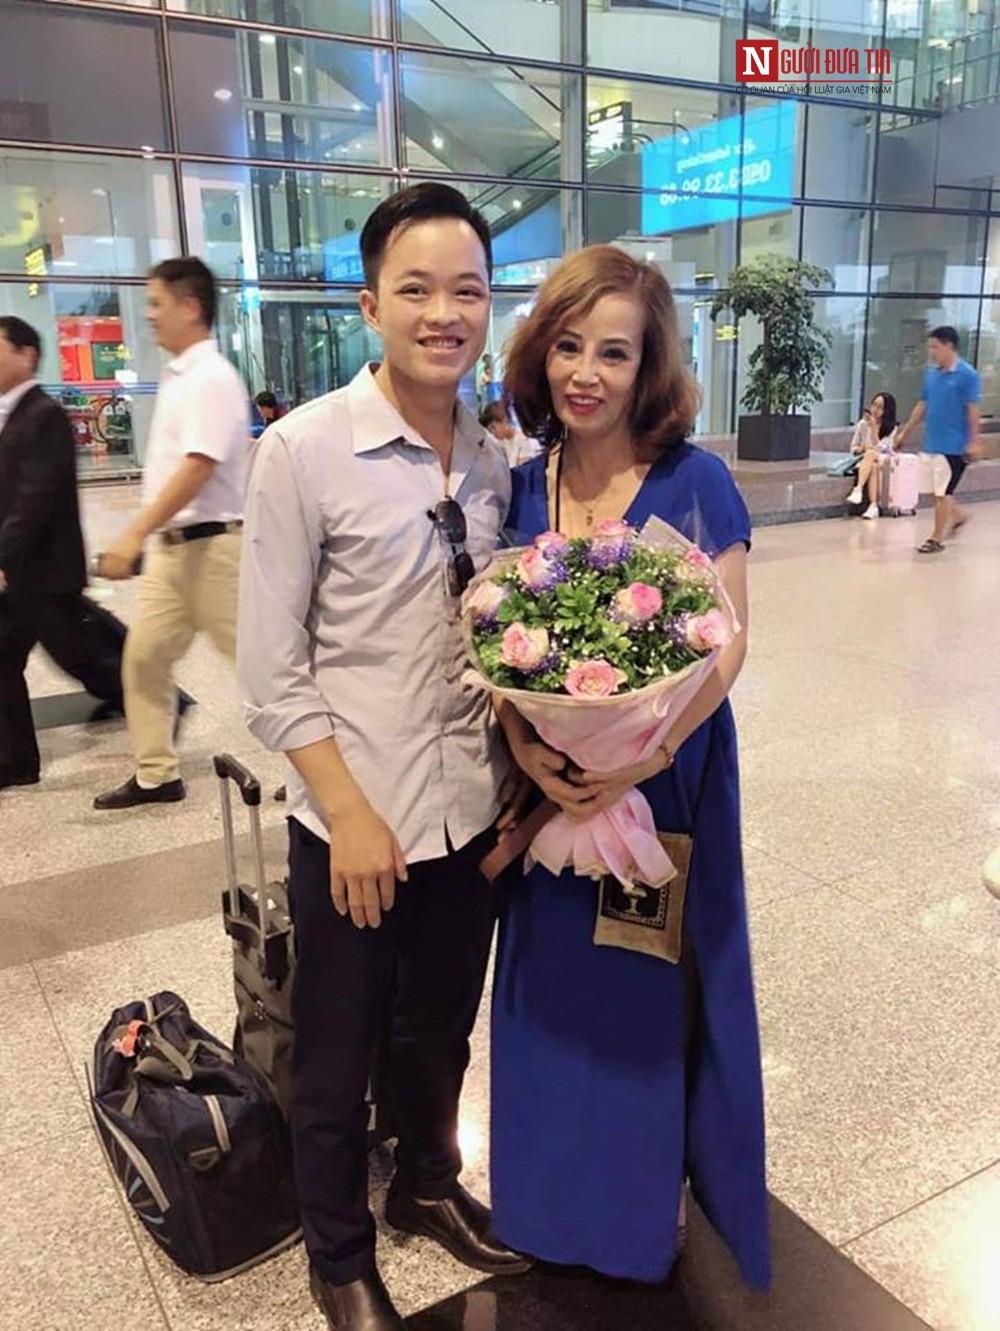 Tiết lộ sốc của cô dâu 62 lấy chồng 26 tuổi về diện mạo mới như thiếu nữ 18 1